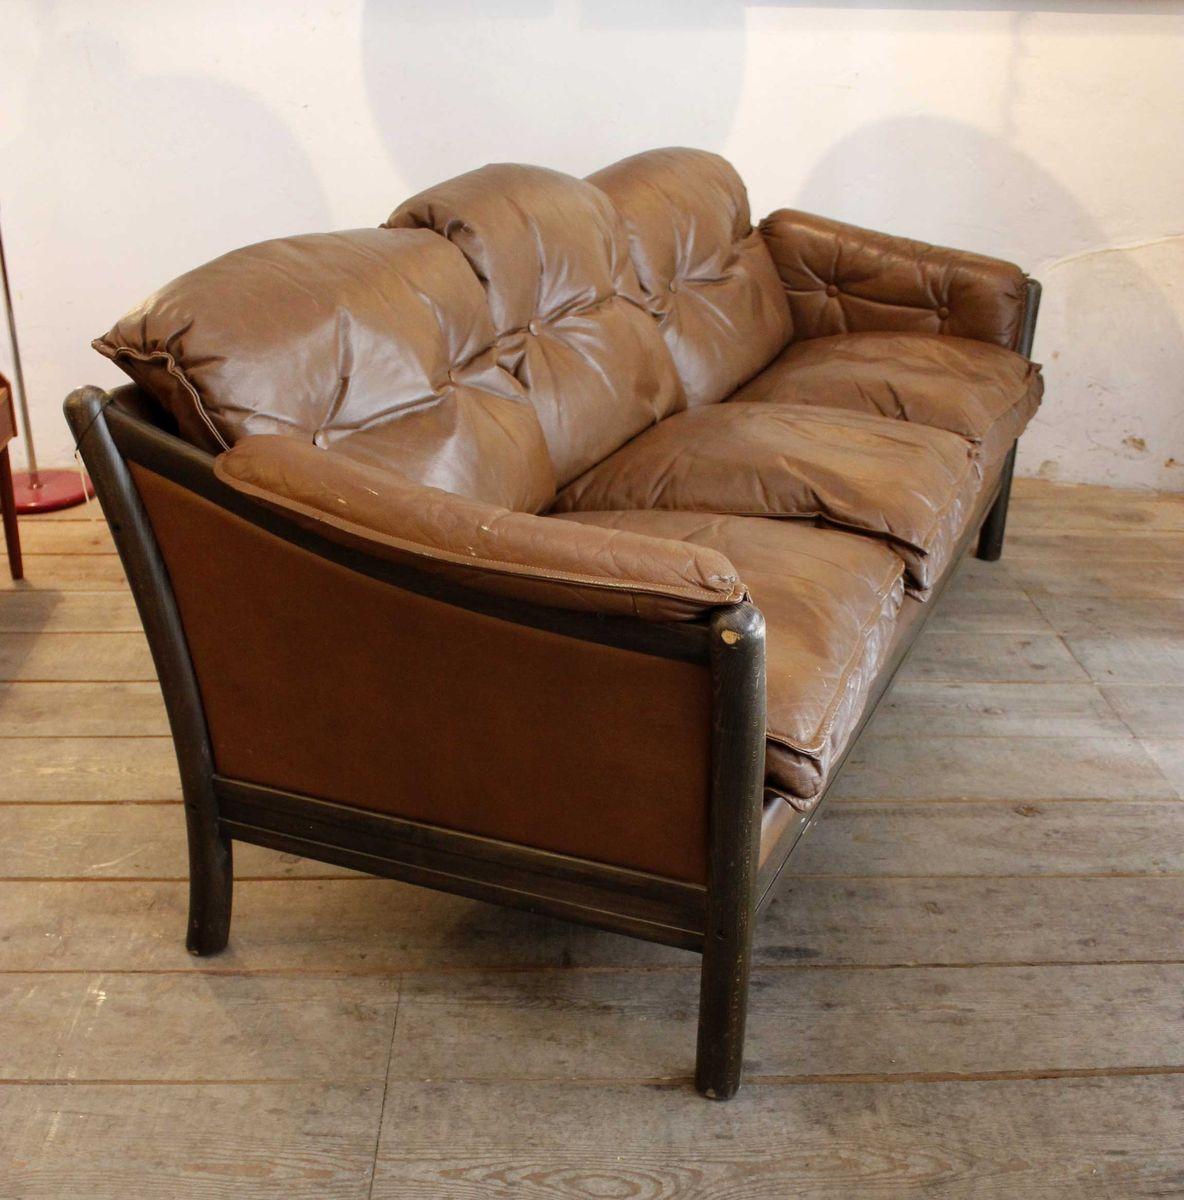 Canapé Vintage Scandinave : canap vintage scandinave en cuir brun en vente sur pamono ~ Teatrodelosmanantiales.com Idées de Décoration